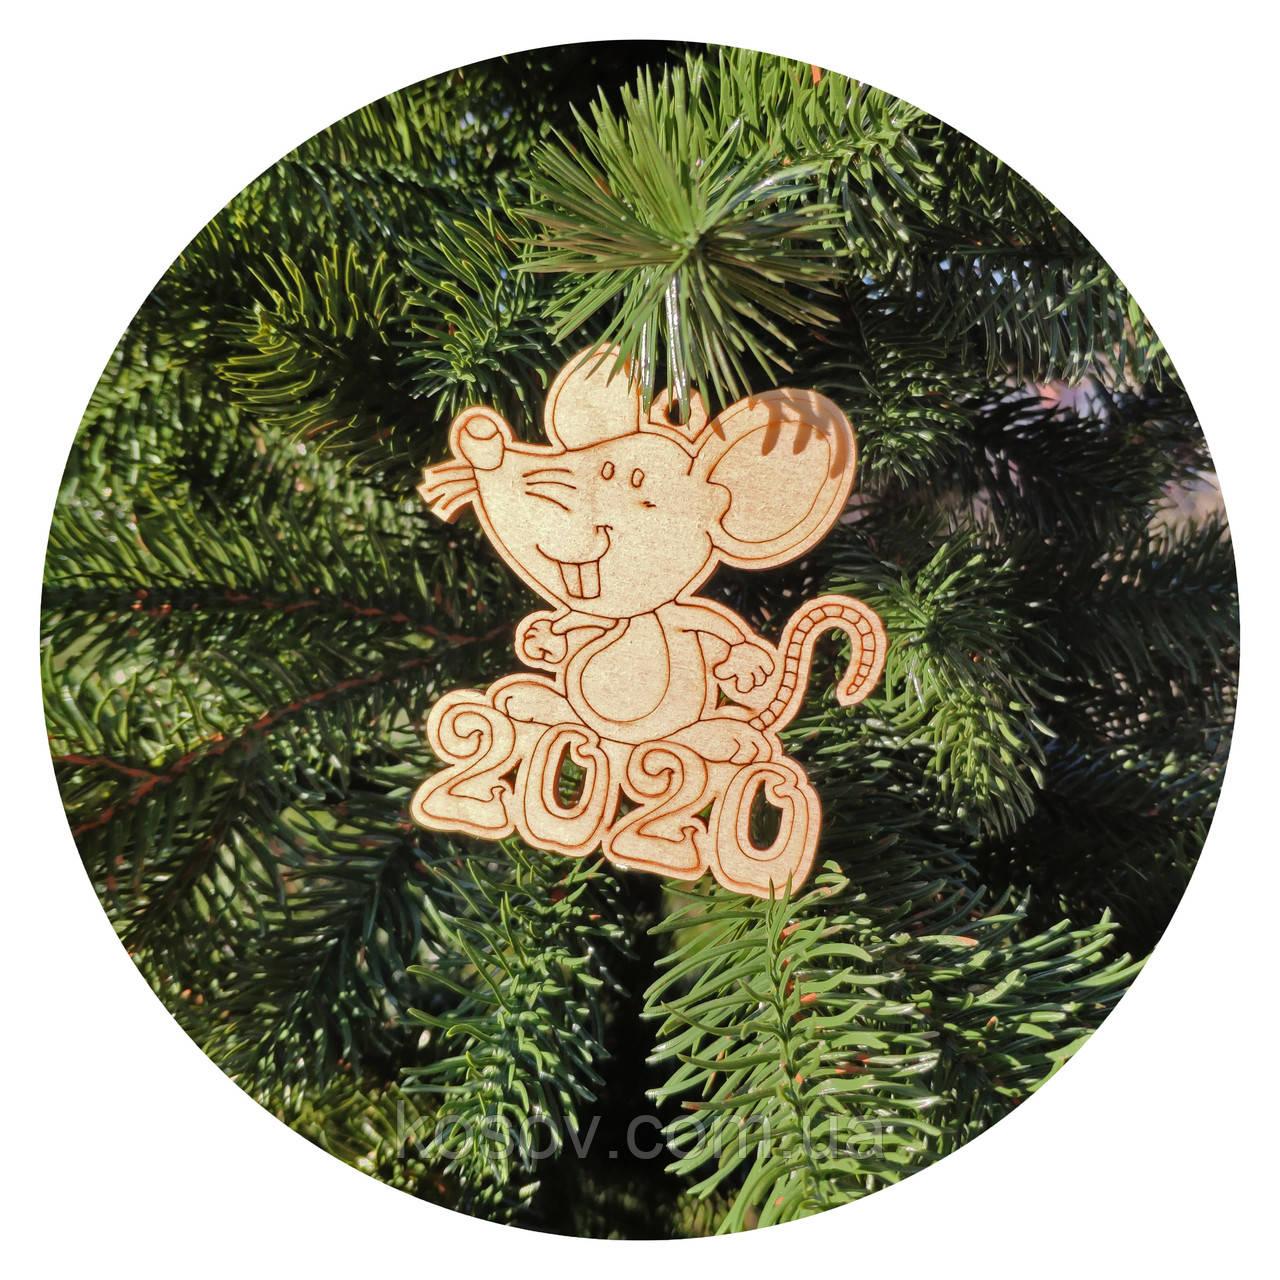 """Игрушка на елку """"Мышка символ года 2020"""" (деревянная)"""